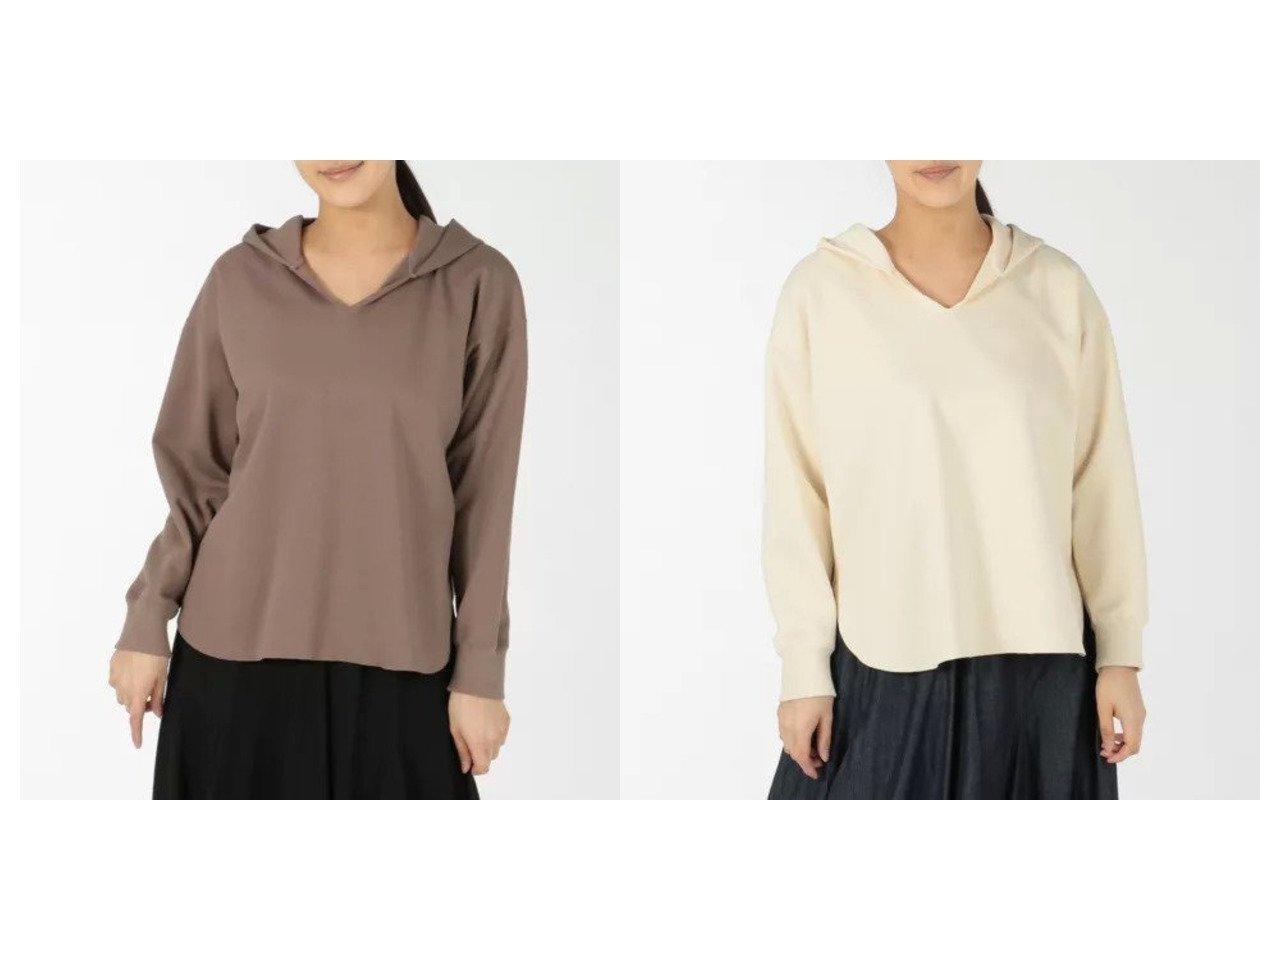 【Munich/ミューニック】のlight double knit skipper hoodie トップス・カットソーのおすすめ!人気トレンド・レディースファッションの通販 おすすめで人気のファッション通販商品 インテリア・家具・キッズファッション・メンズファッション・レディースファッション・服の通販 founy(ファニー) https://founy.com/ ファッション Fashion レディースファッション WOMEN トップス Tops Tshirt ニット Knit Tops スウェット セーター パーカー 冬 Winter |ID:crp329100000008118